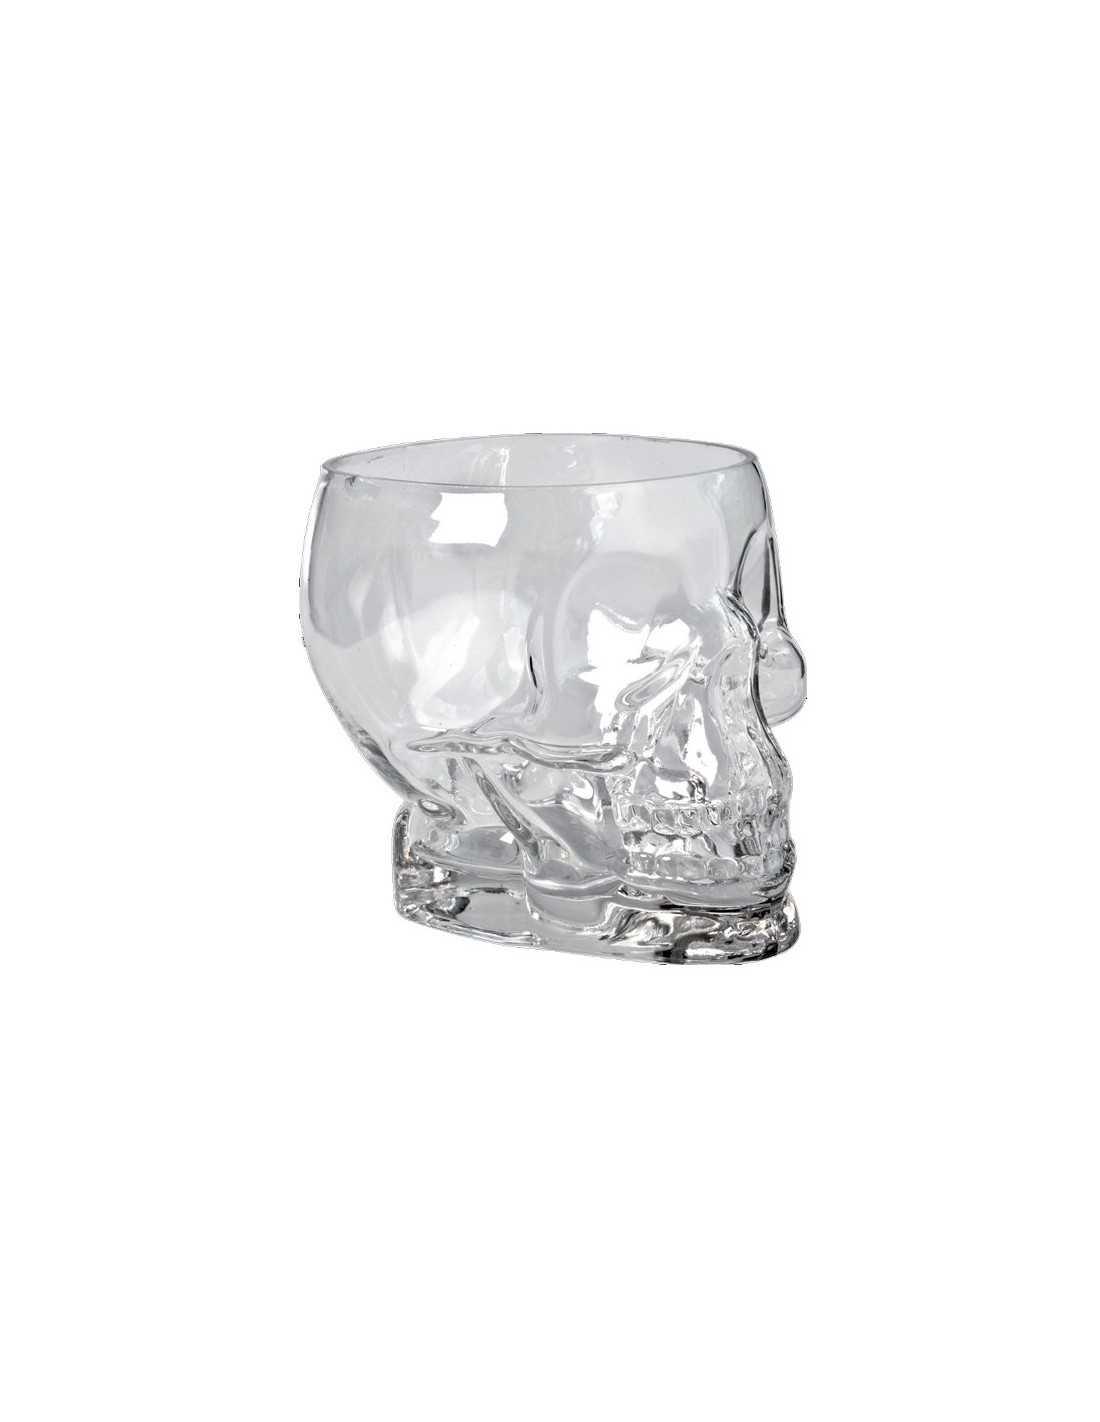 Calavera de cristal varias medidas 1 ud precio desde 4 29 klimer s l - Cristal climalit precio ...